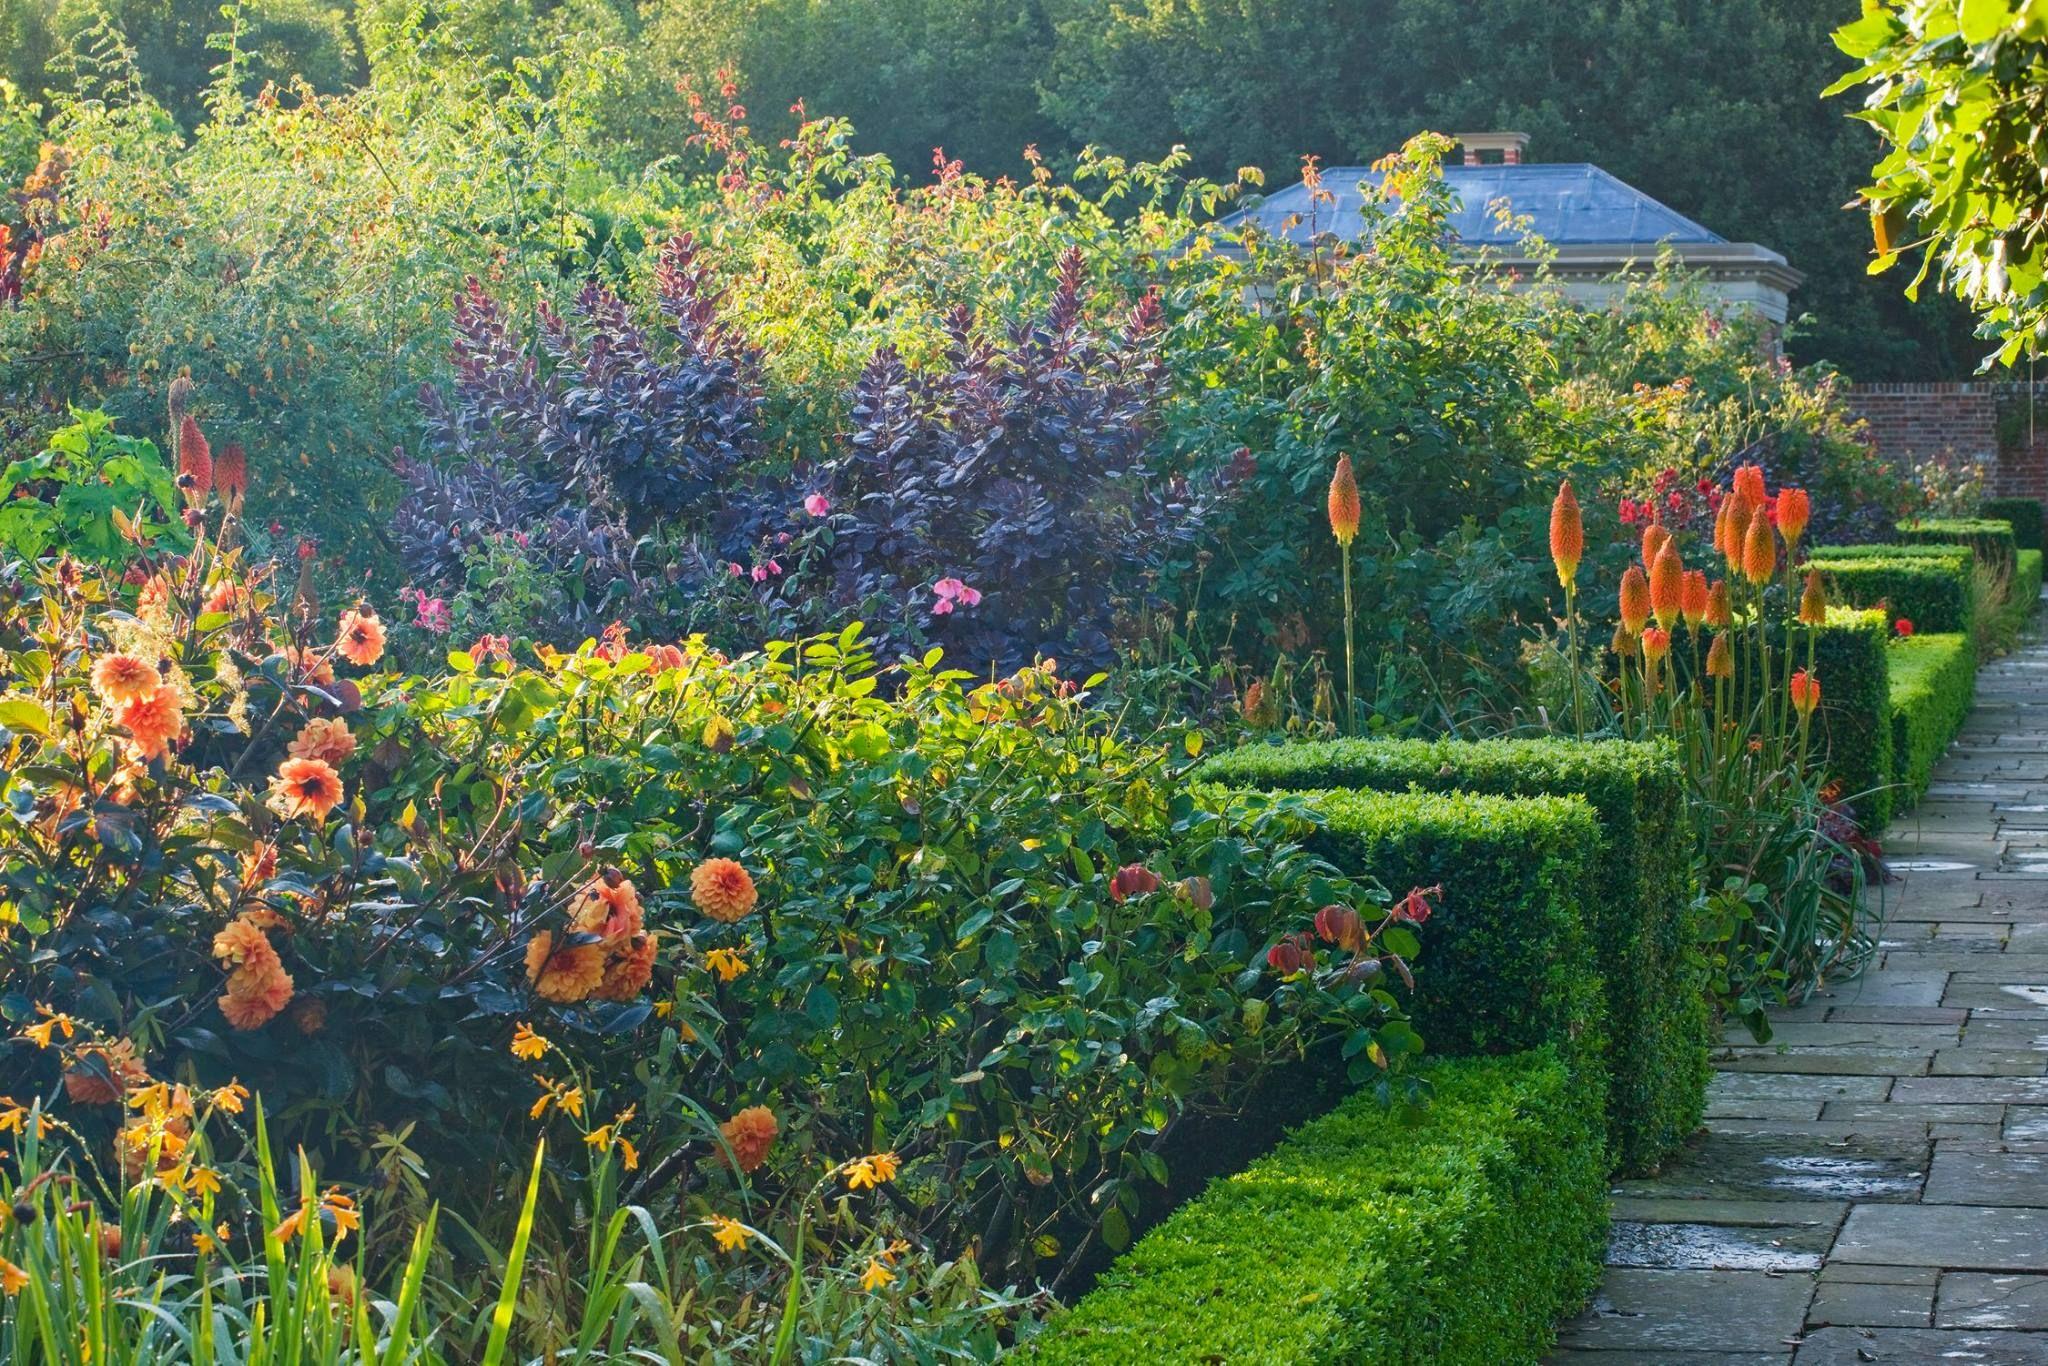 Parsonage Farm In West Sussex 7 27 16 Clive Nichols Garden Design Outdoor Garden